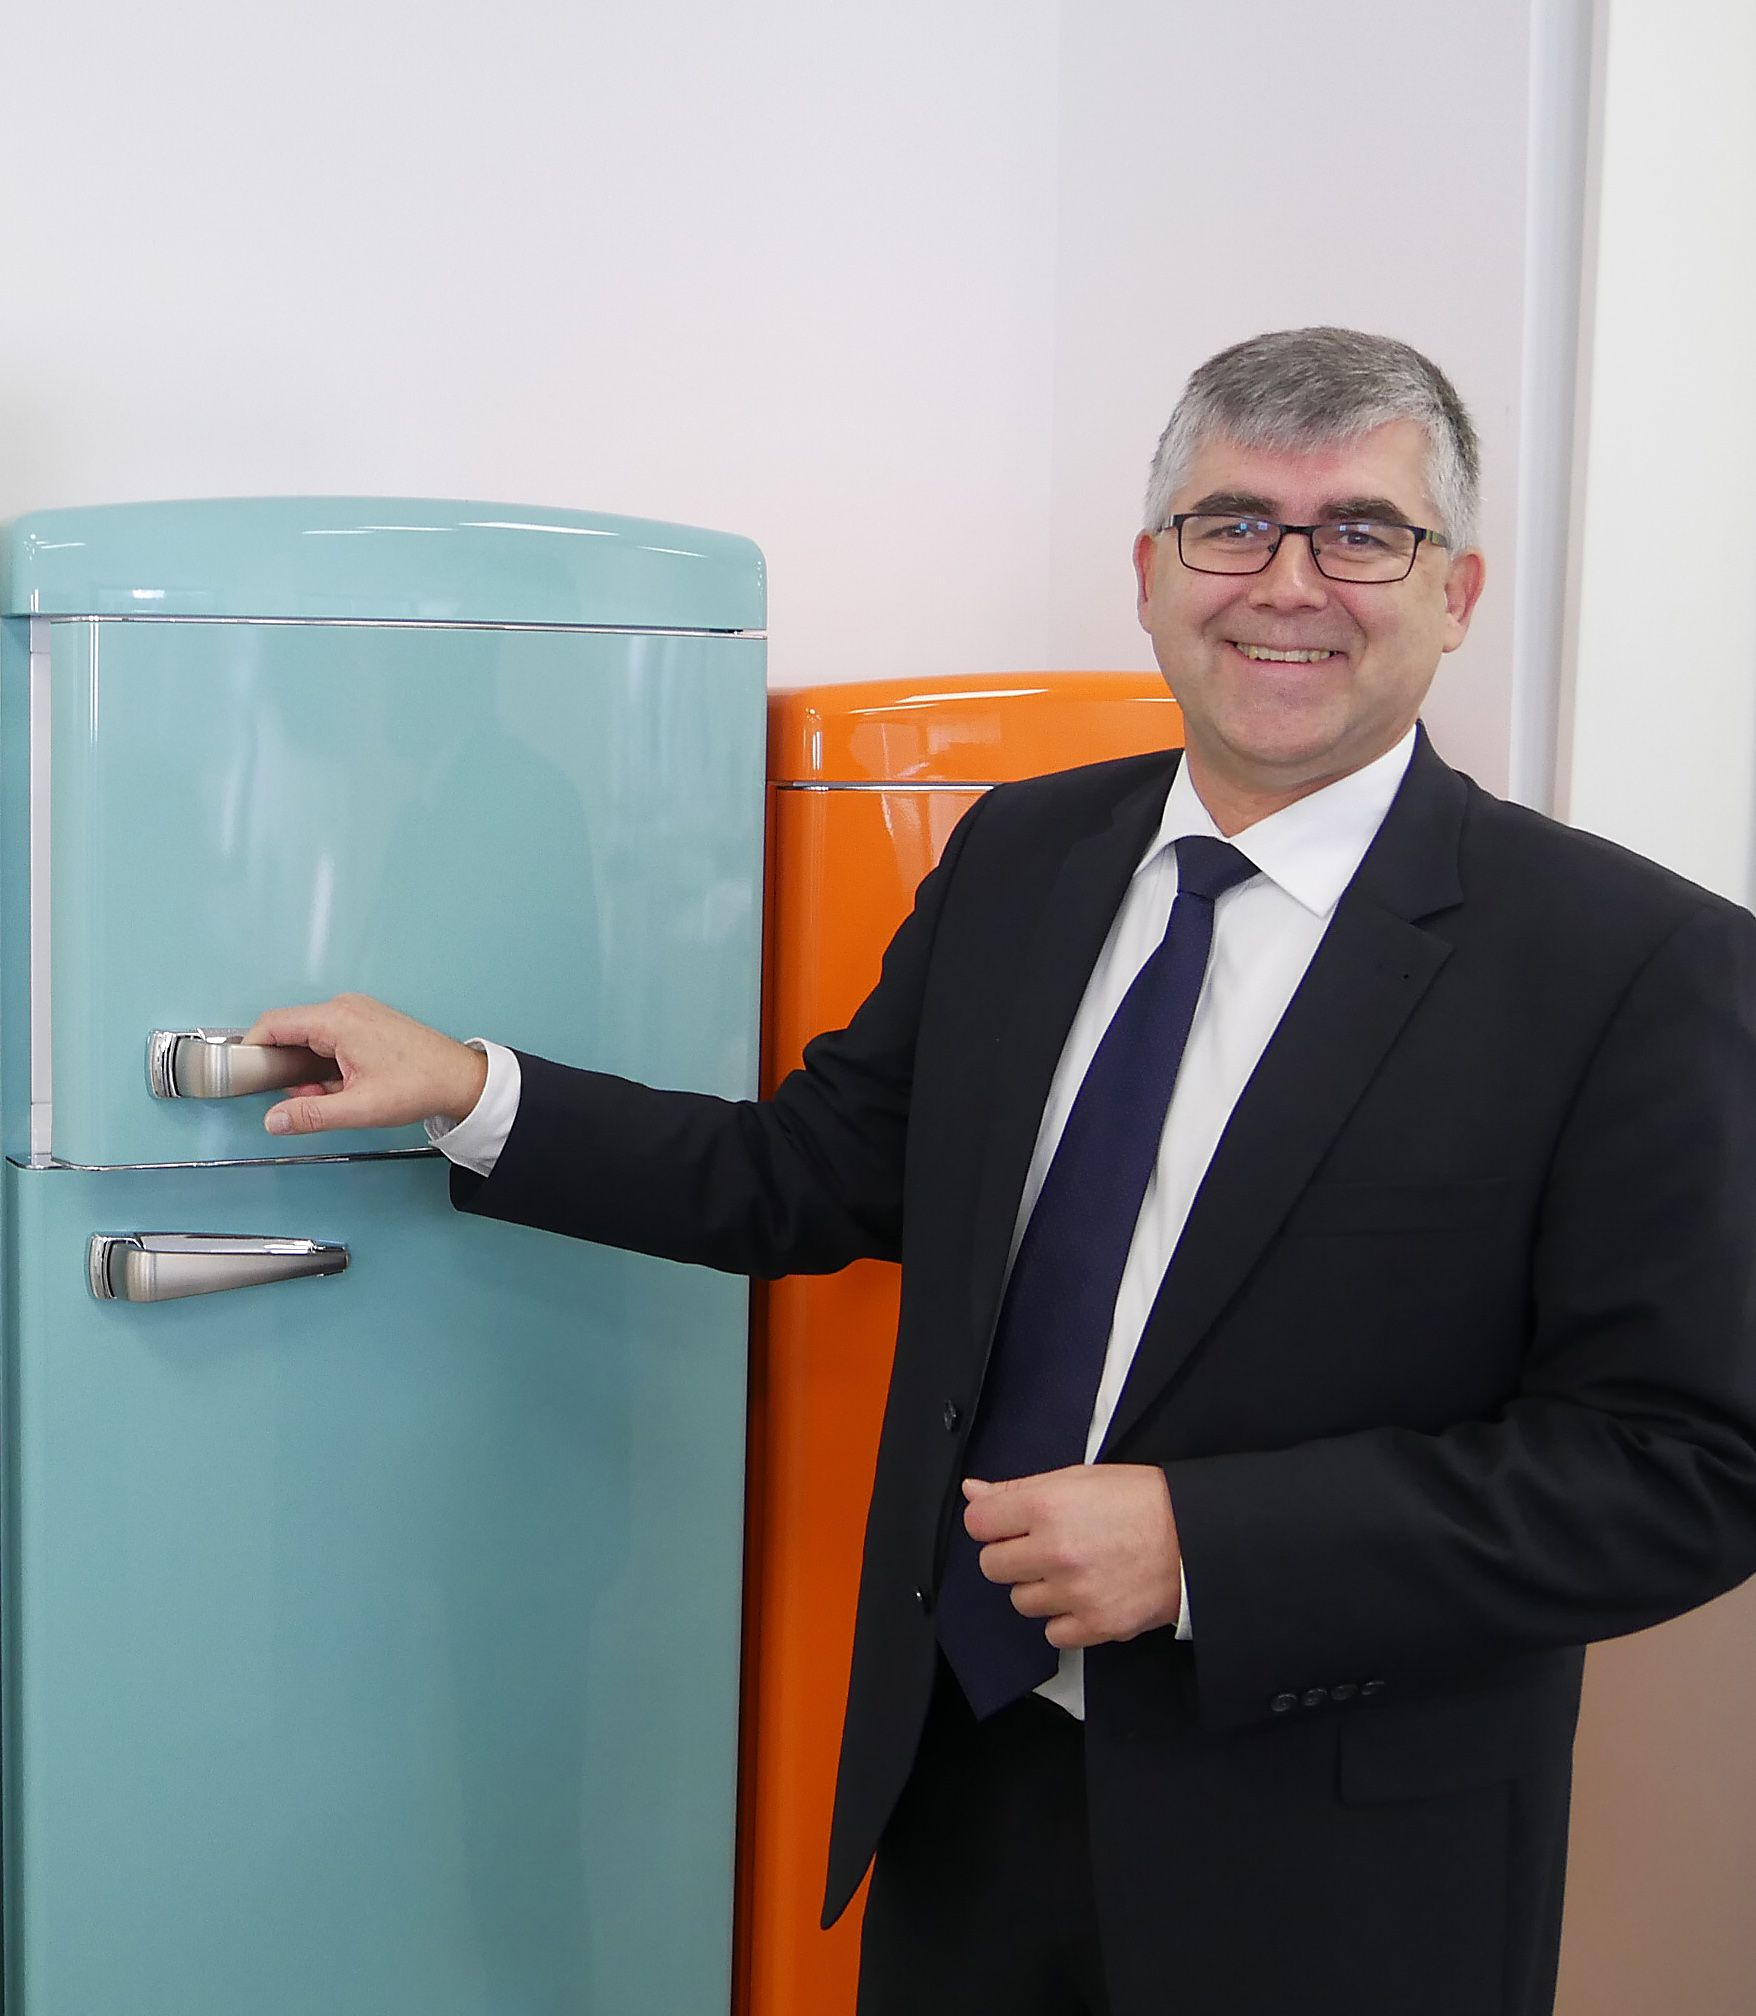 Claus Schmitz ist voller Enthusiasmus für seine Retro-Kühlgefriergeräte.